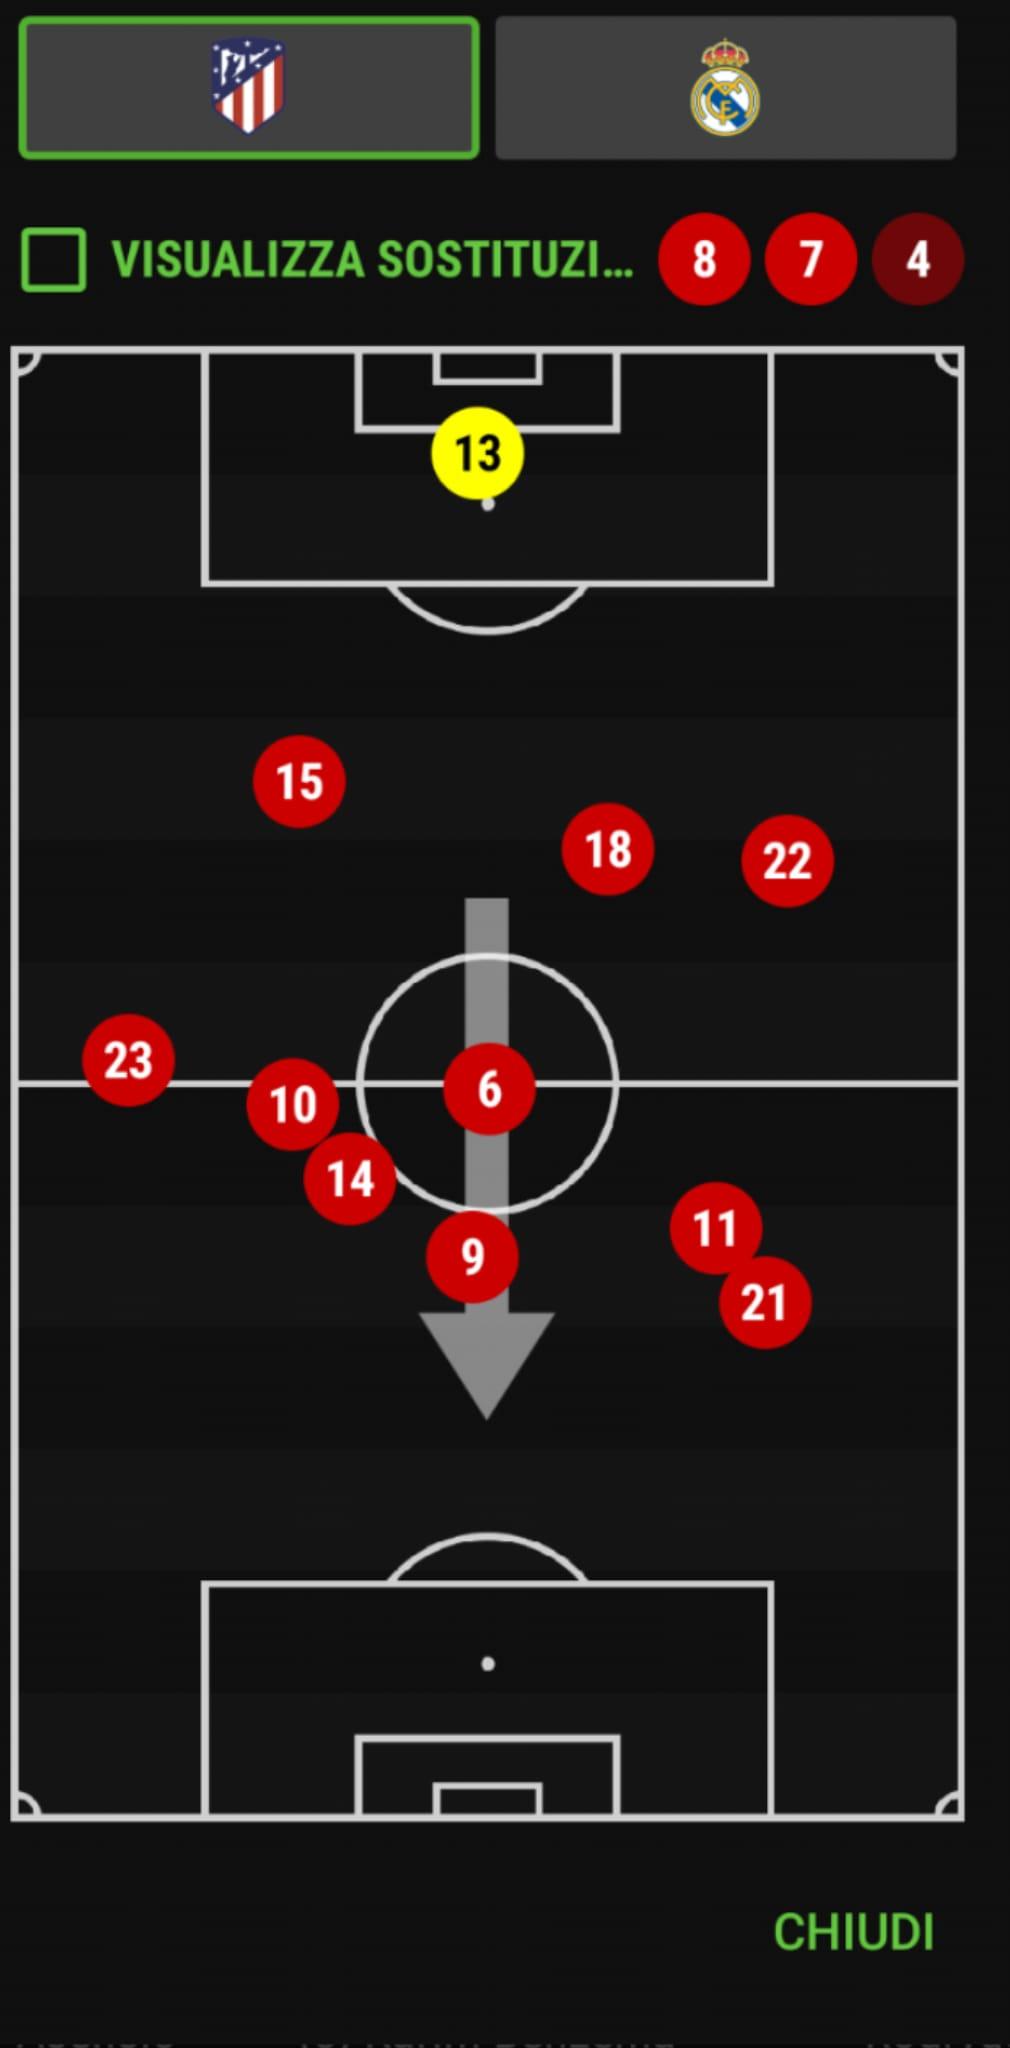 Posizioni medie derby di Madrid del 7.3.2021